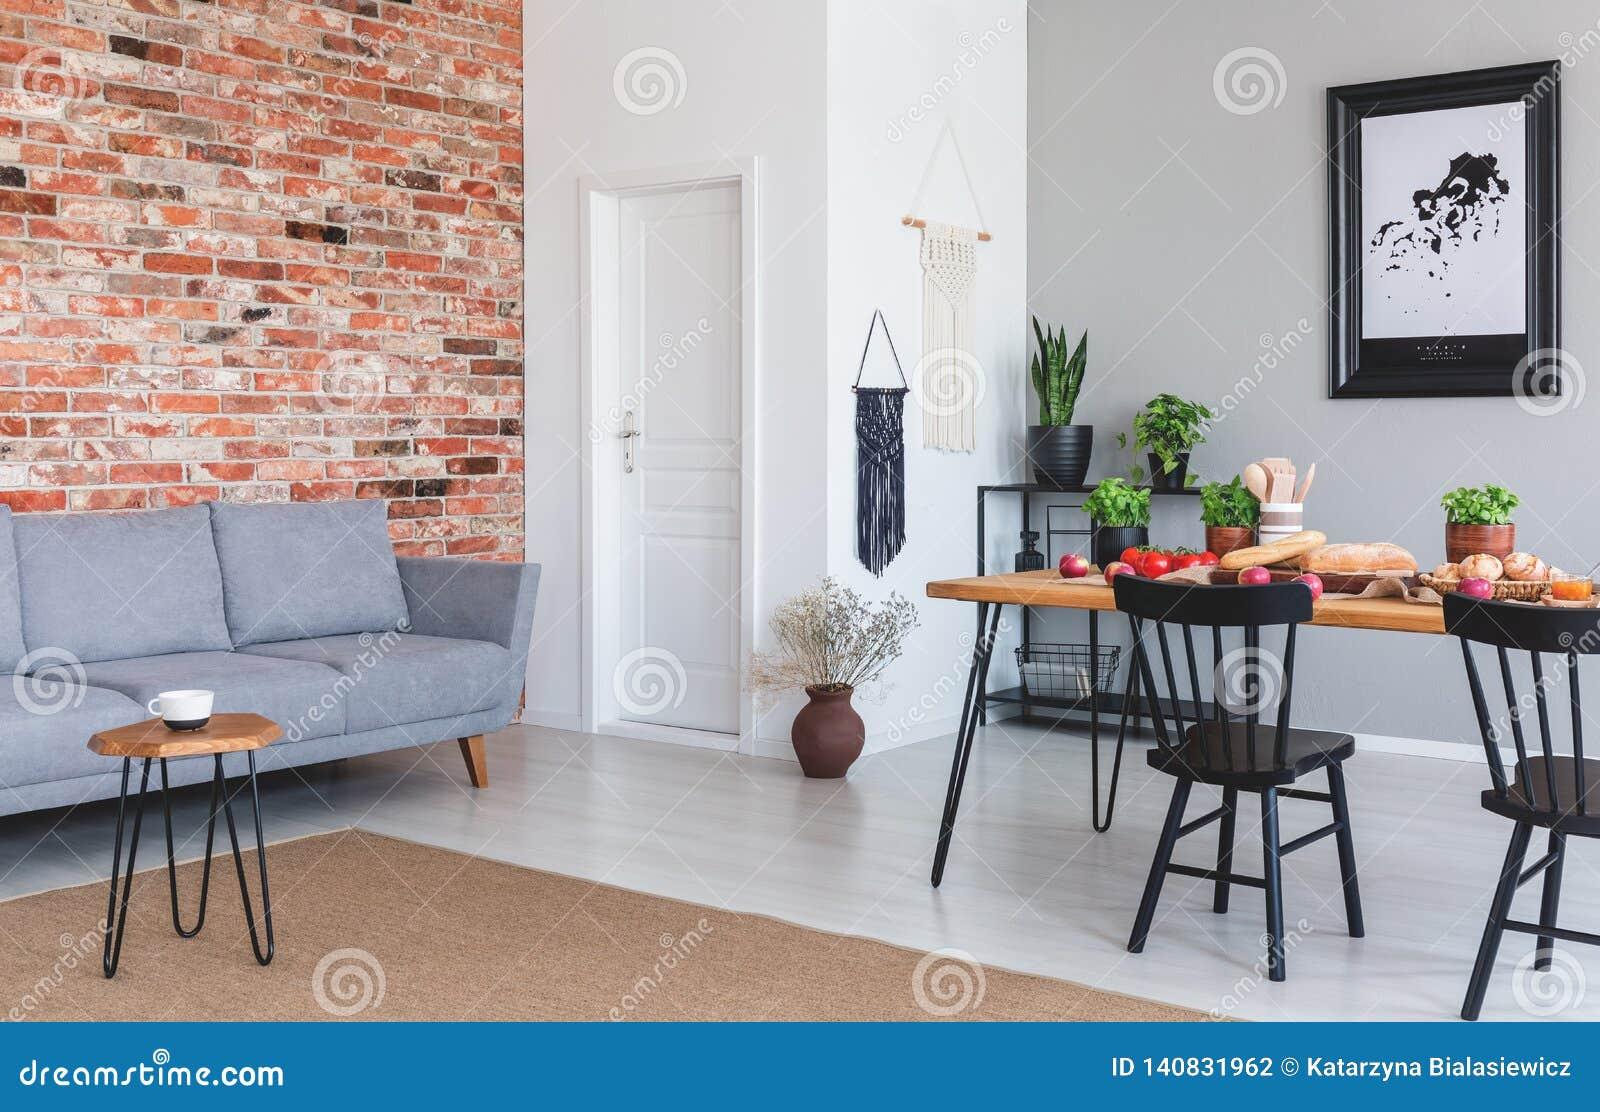 Grijze bank tegen rode bakstenen muur als vlak binnenlands met affiche en zwarte voorzitter bij eettafel Echte foto